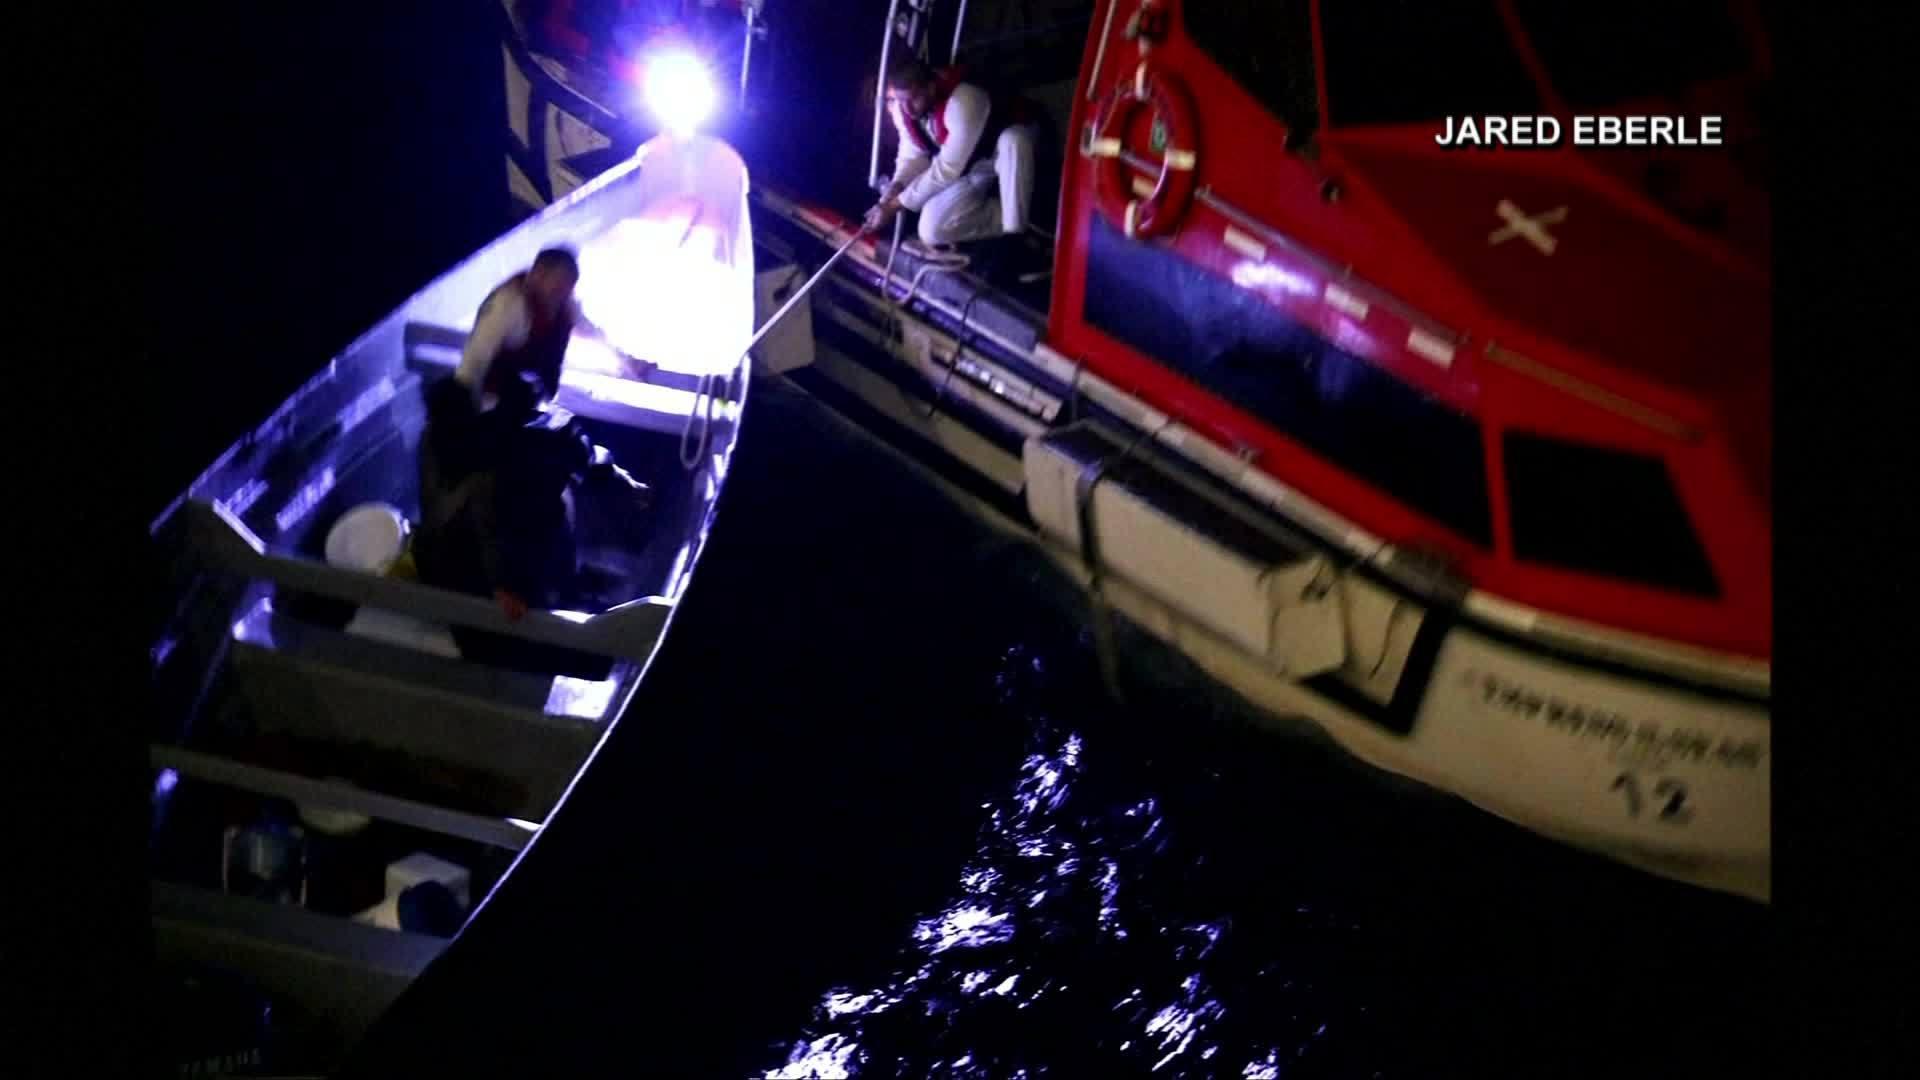 Cruise ship picks up men stranded at sea